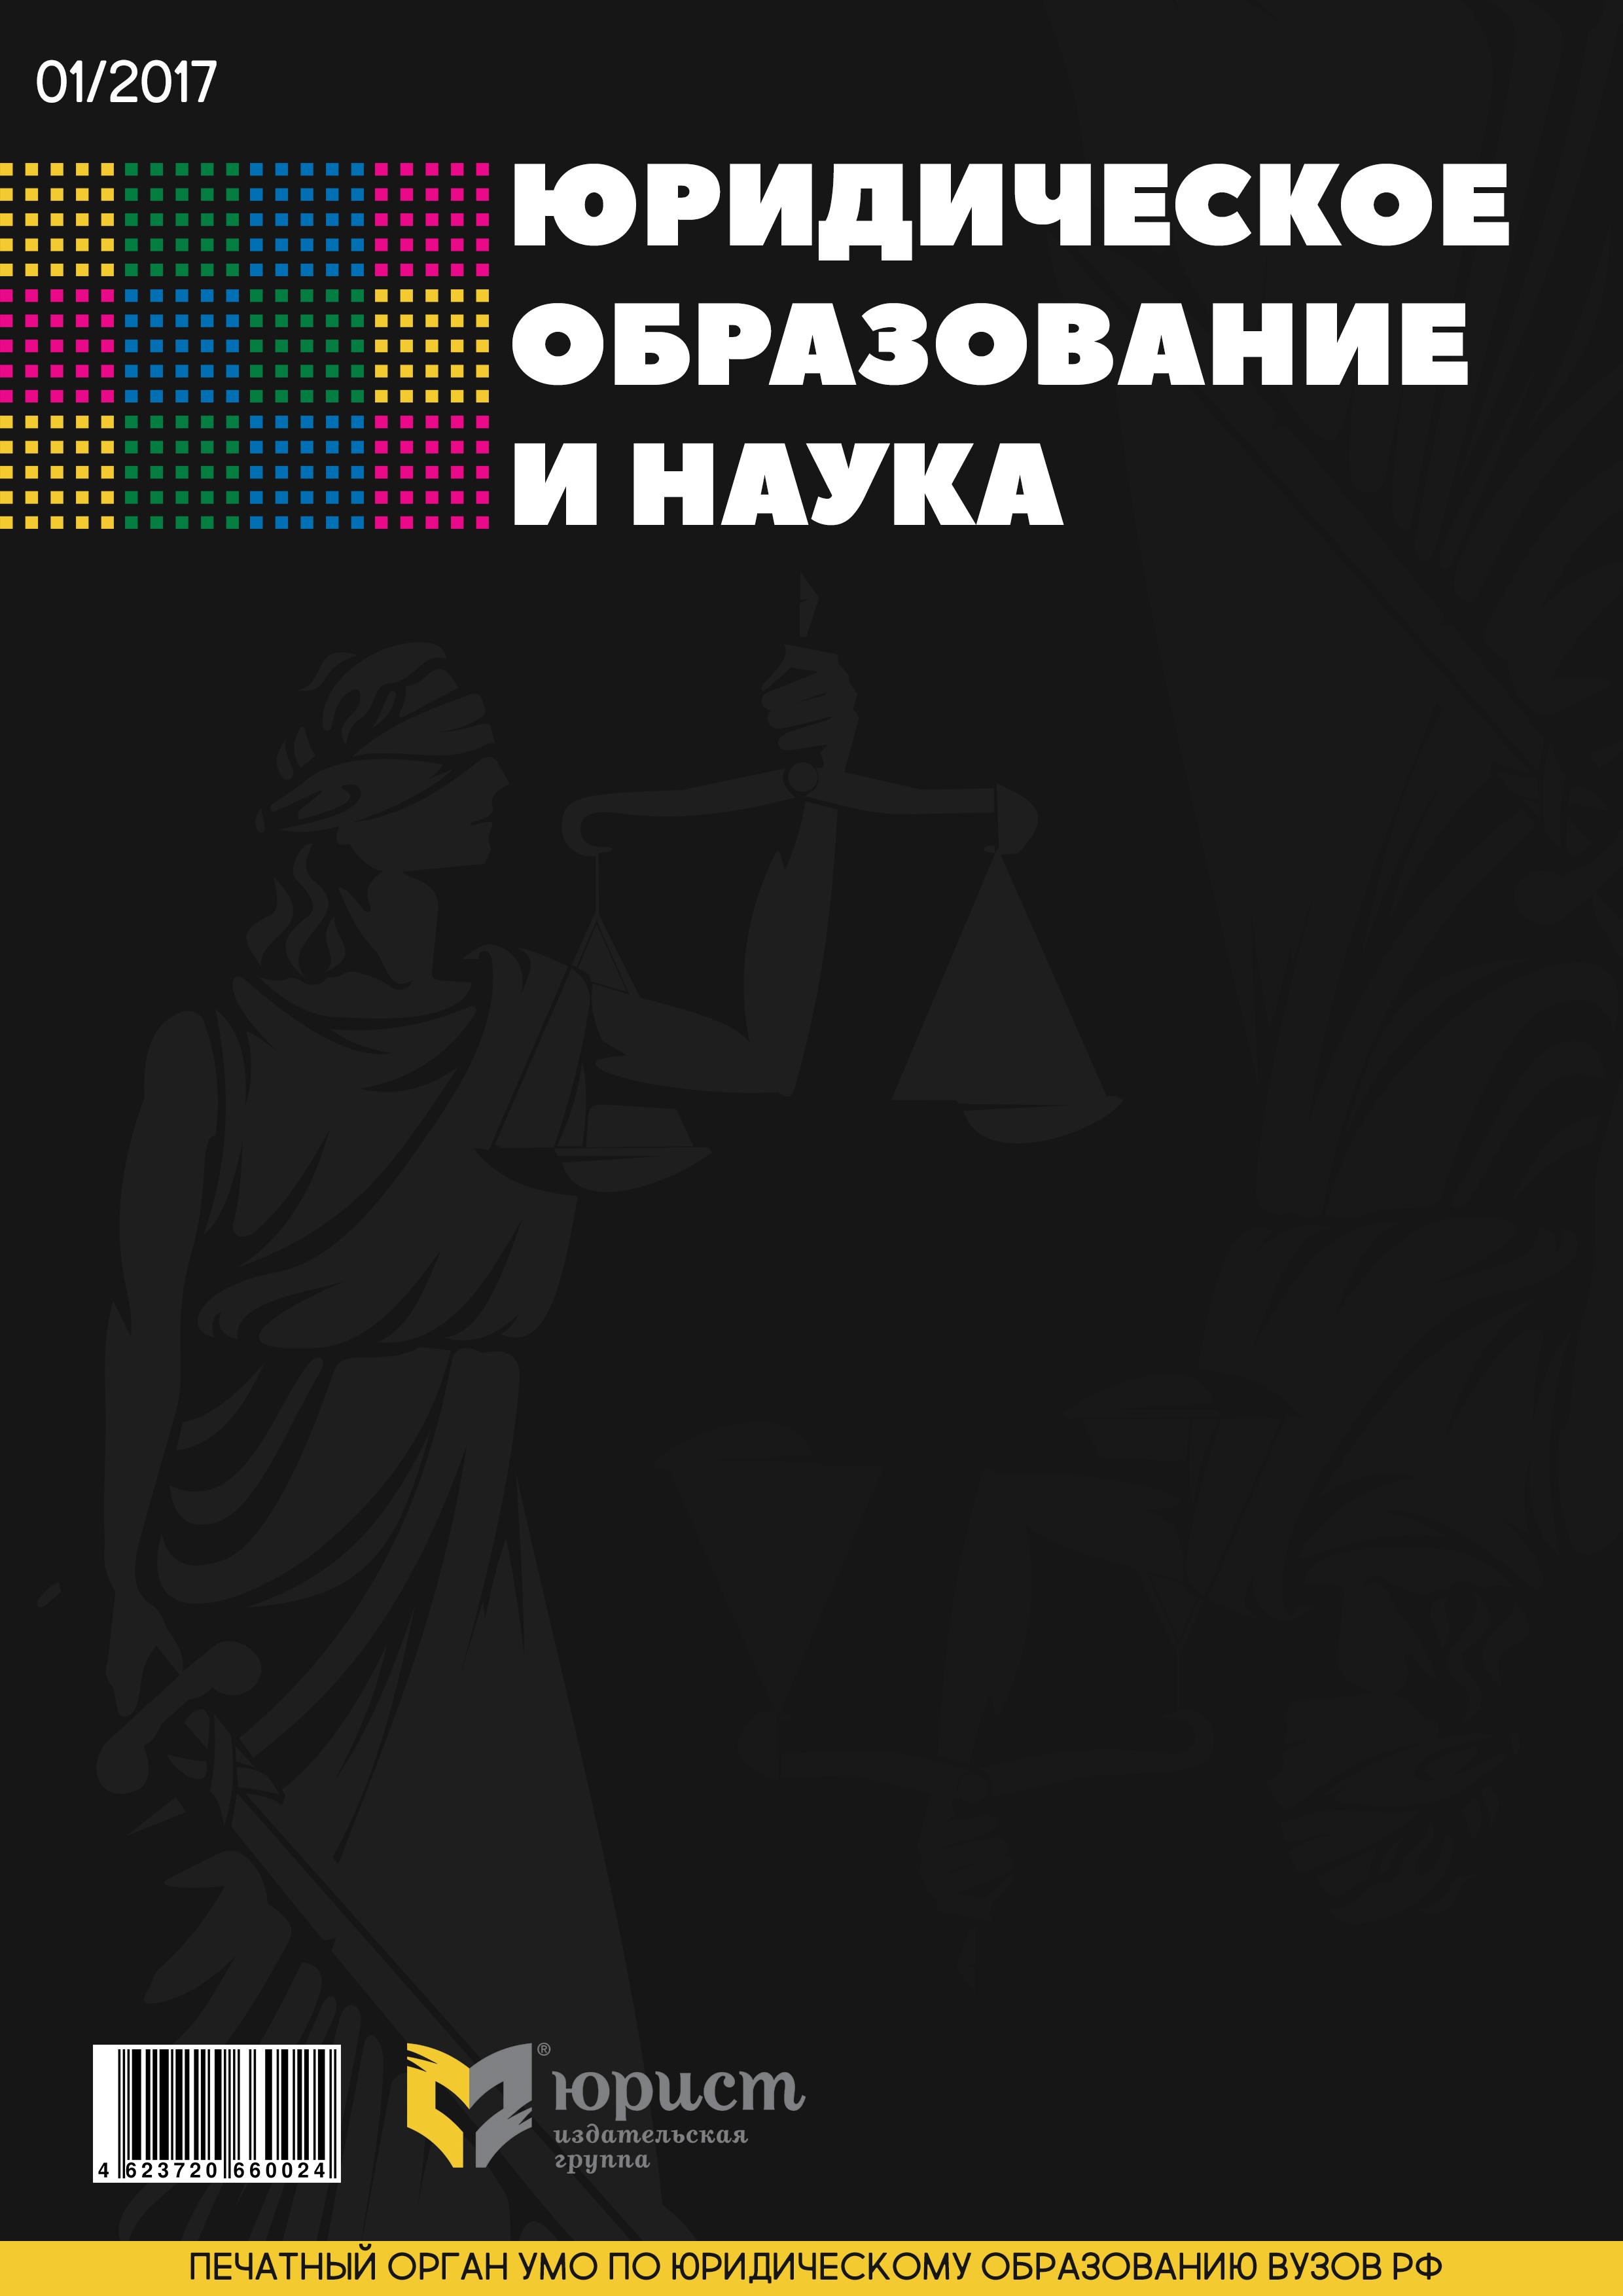 """Конкурс """"Юридическое образование и наука"""" фото f_2435870458c47f94.jpg"""